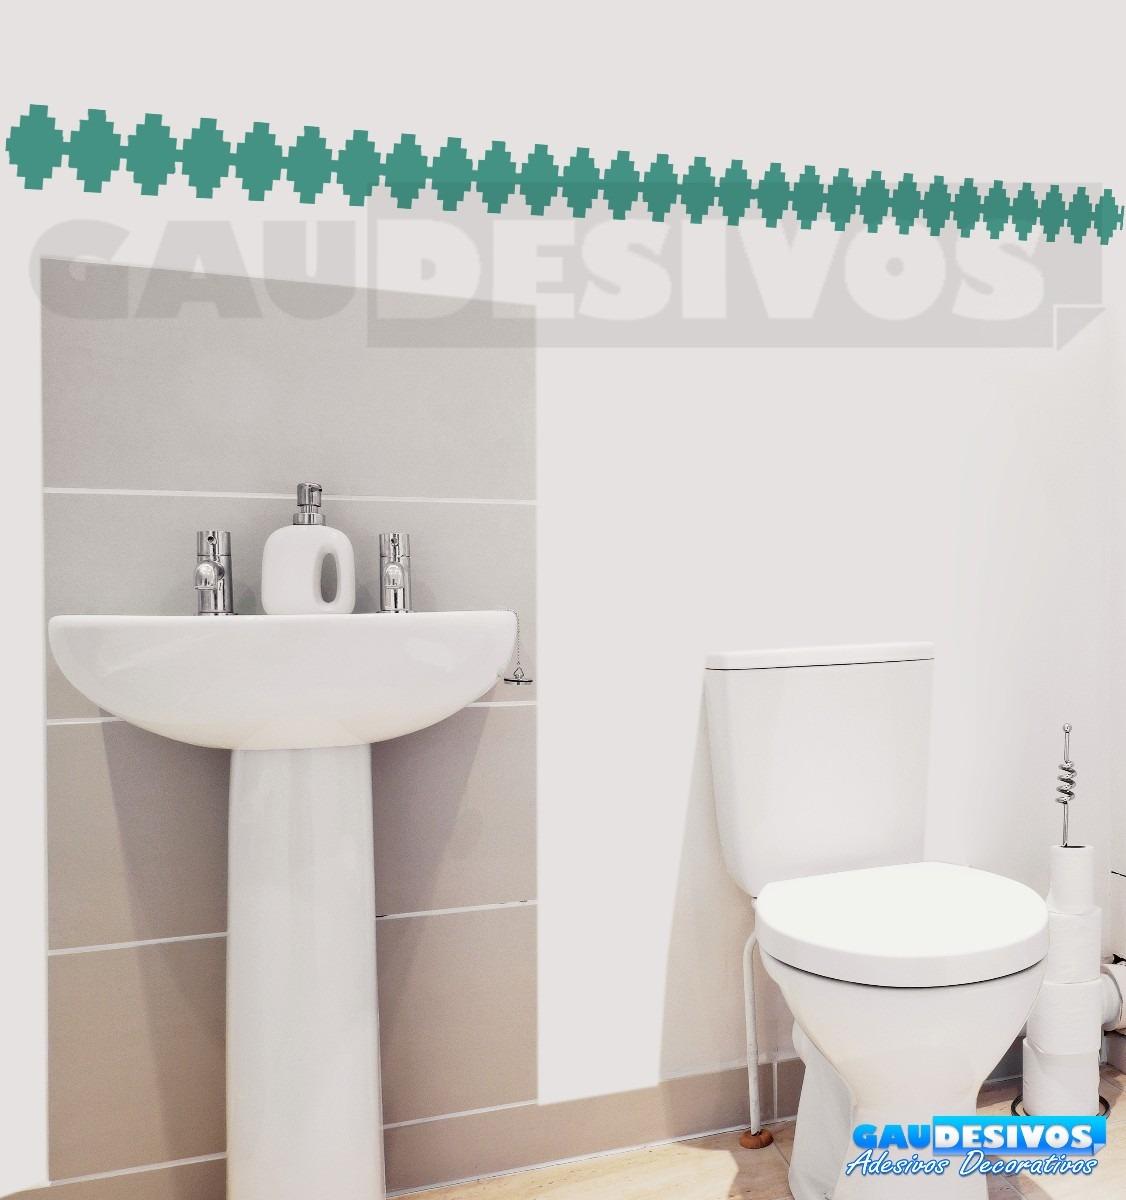 De Parede Faixa Border Azulejo Banheiro R$ 9 99 em Mercado Livre #0D6DBE 1126x1200 Balança De Banheiro Mercado Livre